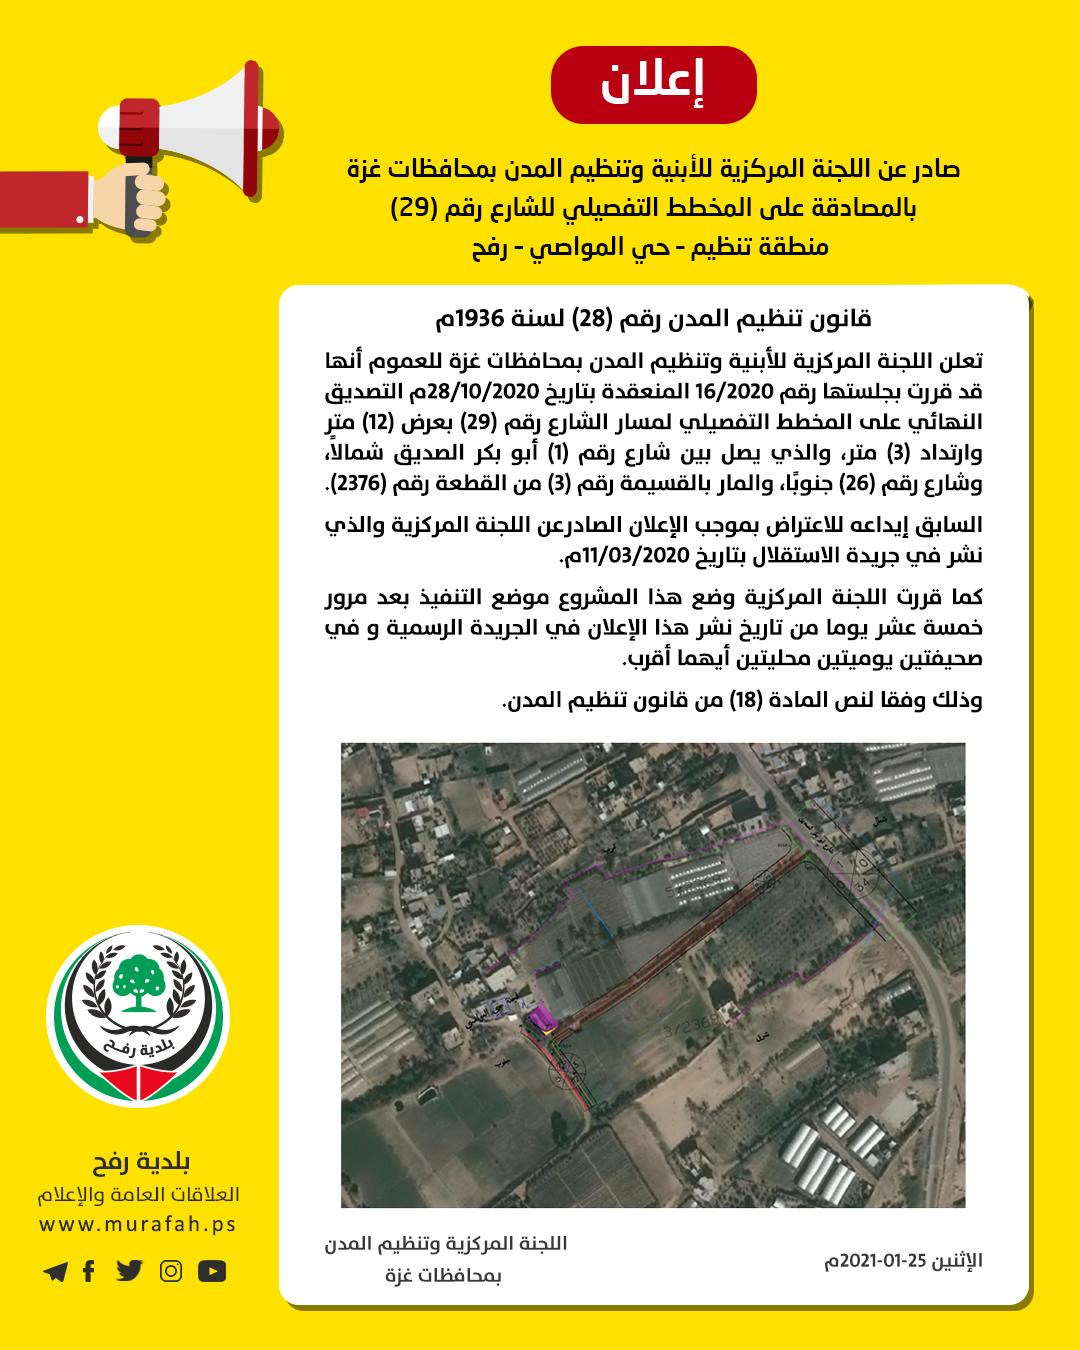 إعلان المصادقة النهائية لشارع 29 بحي المواصي